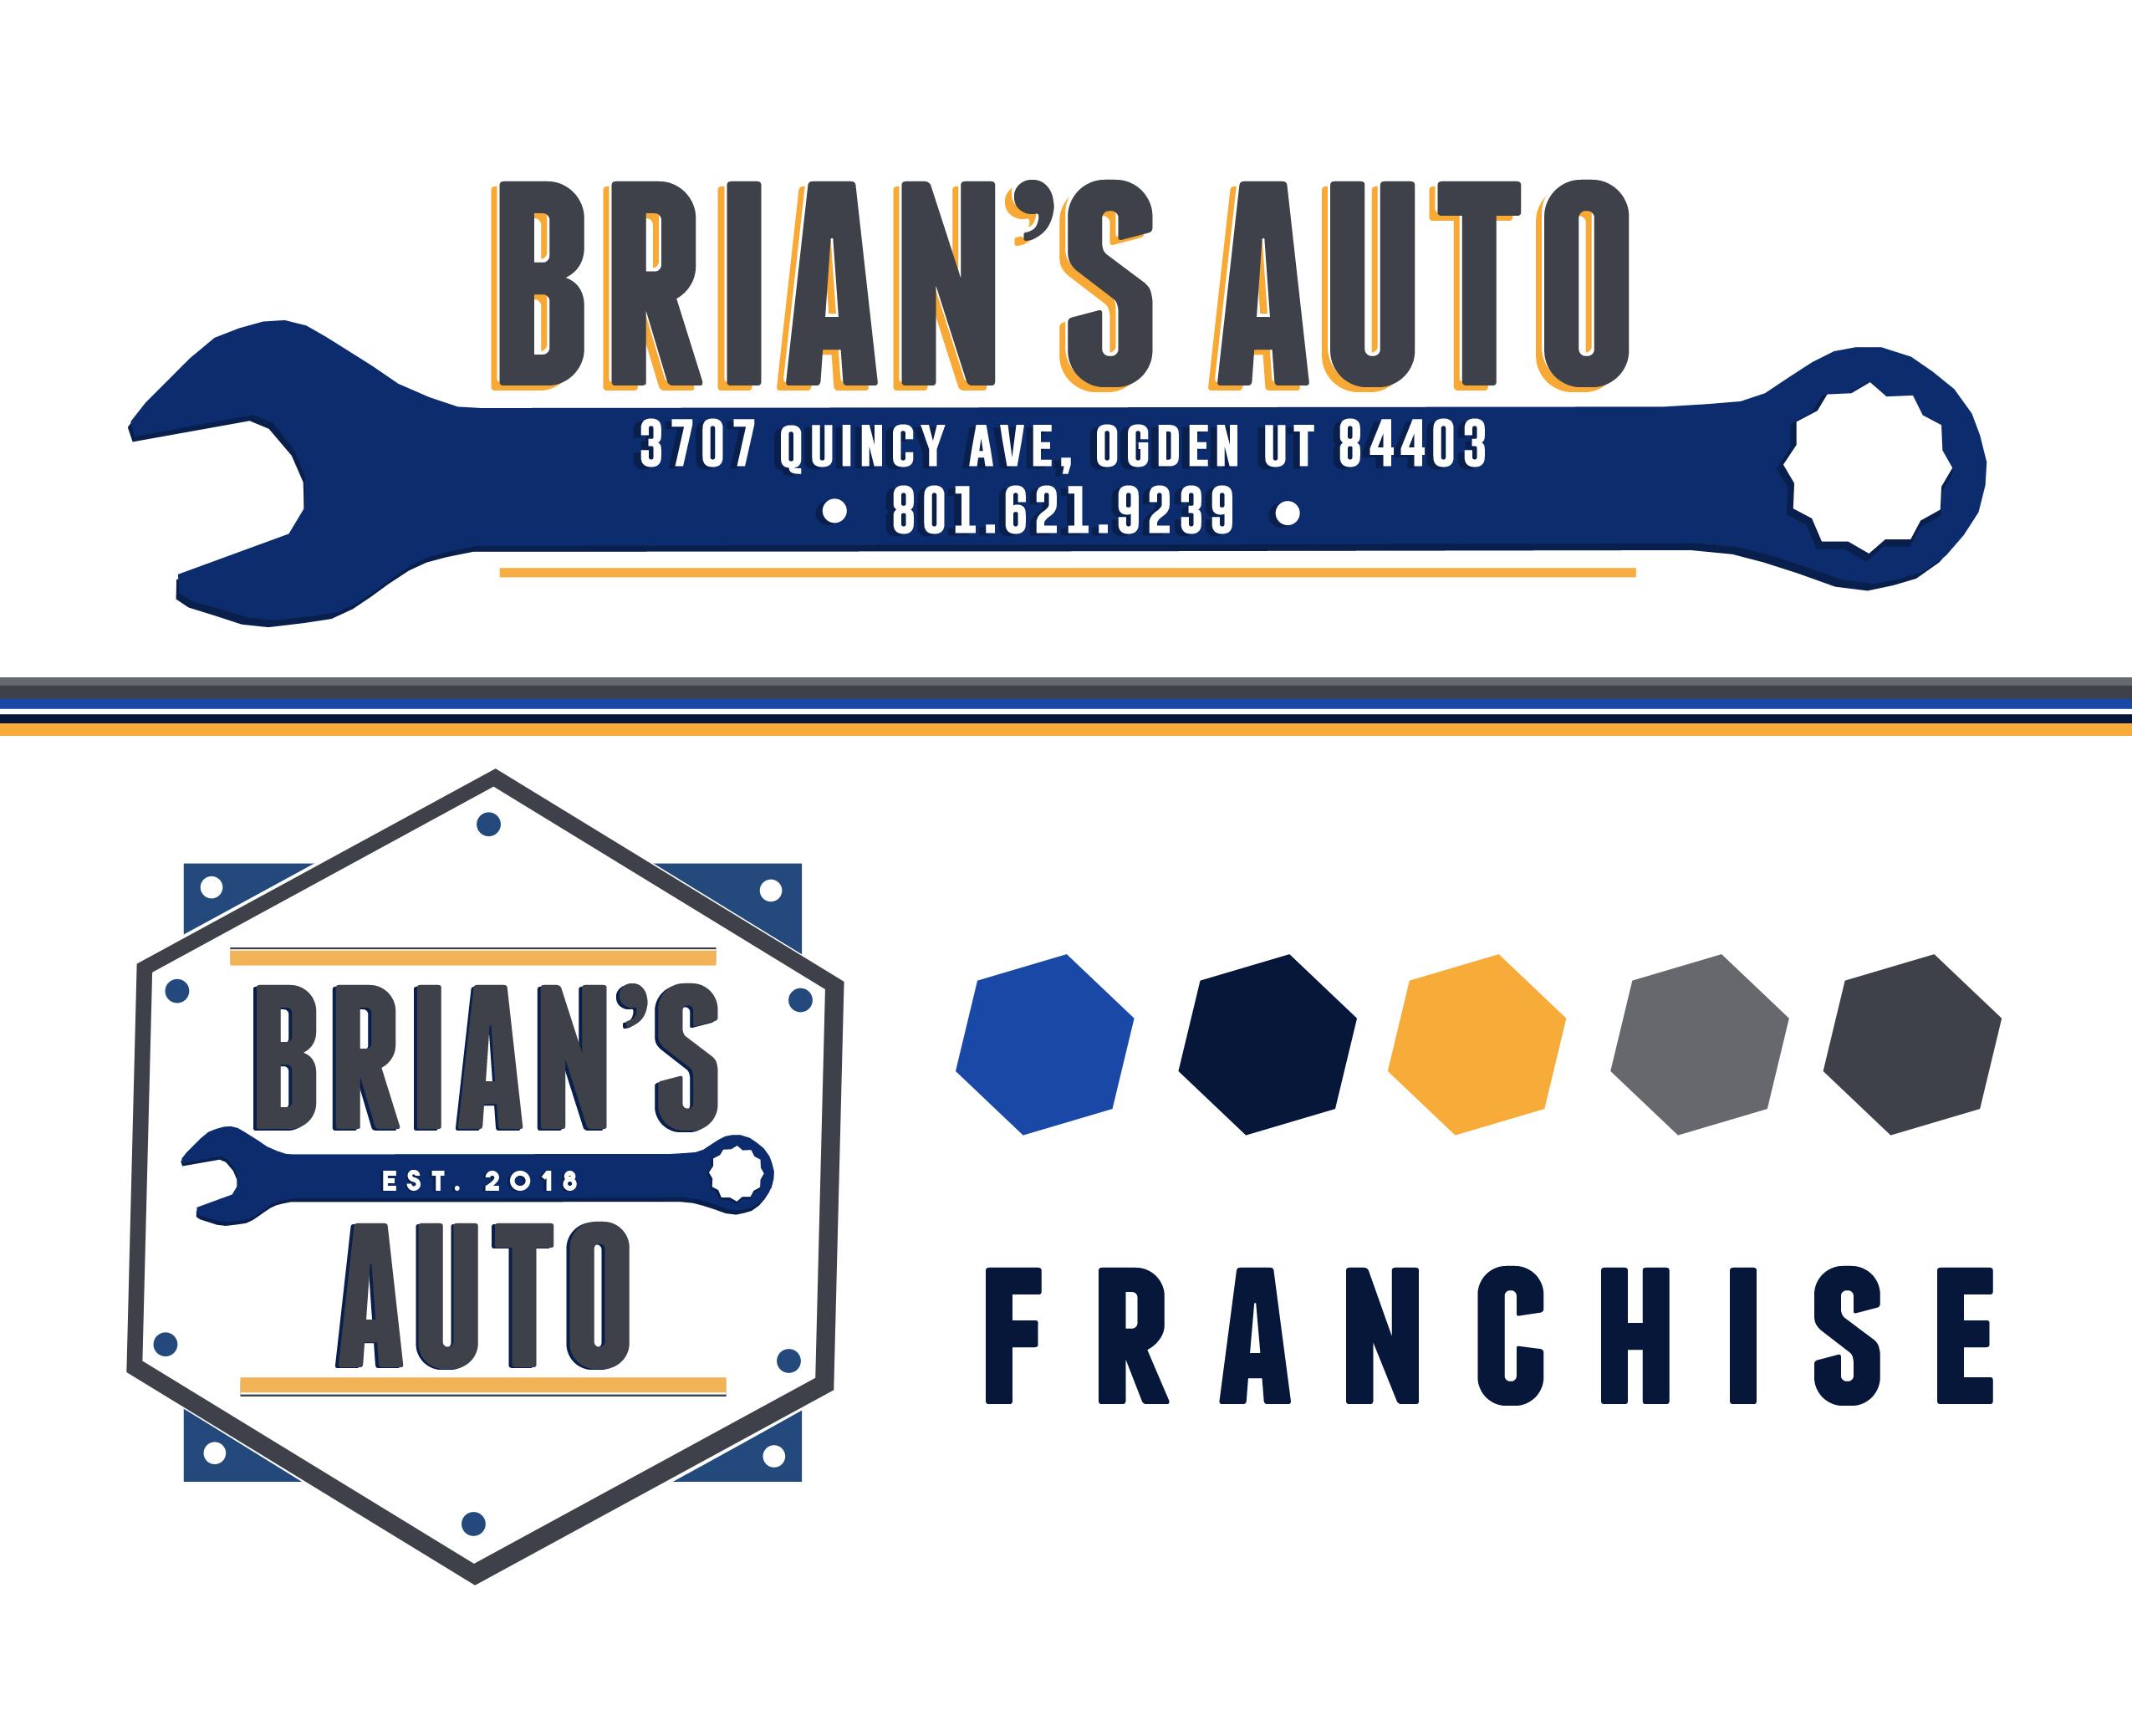 brians auto_brandsheet